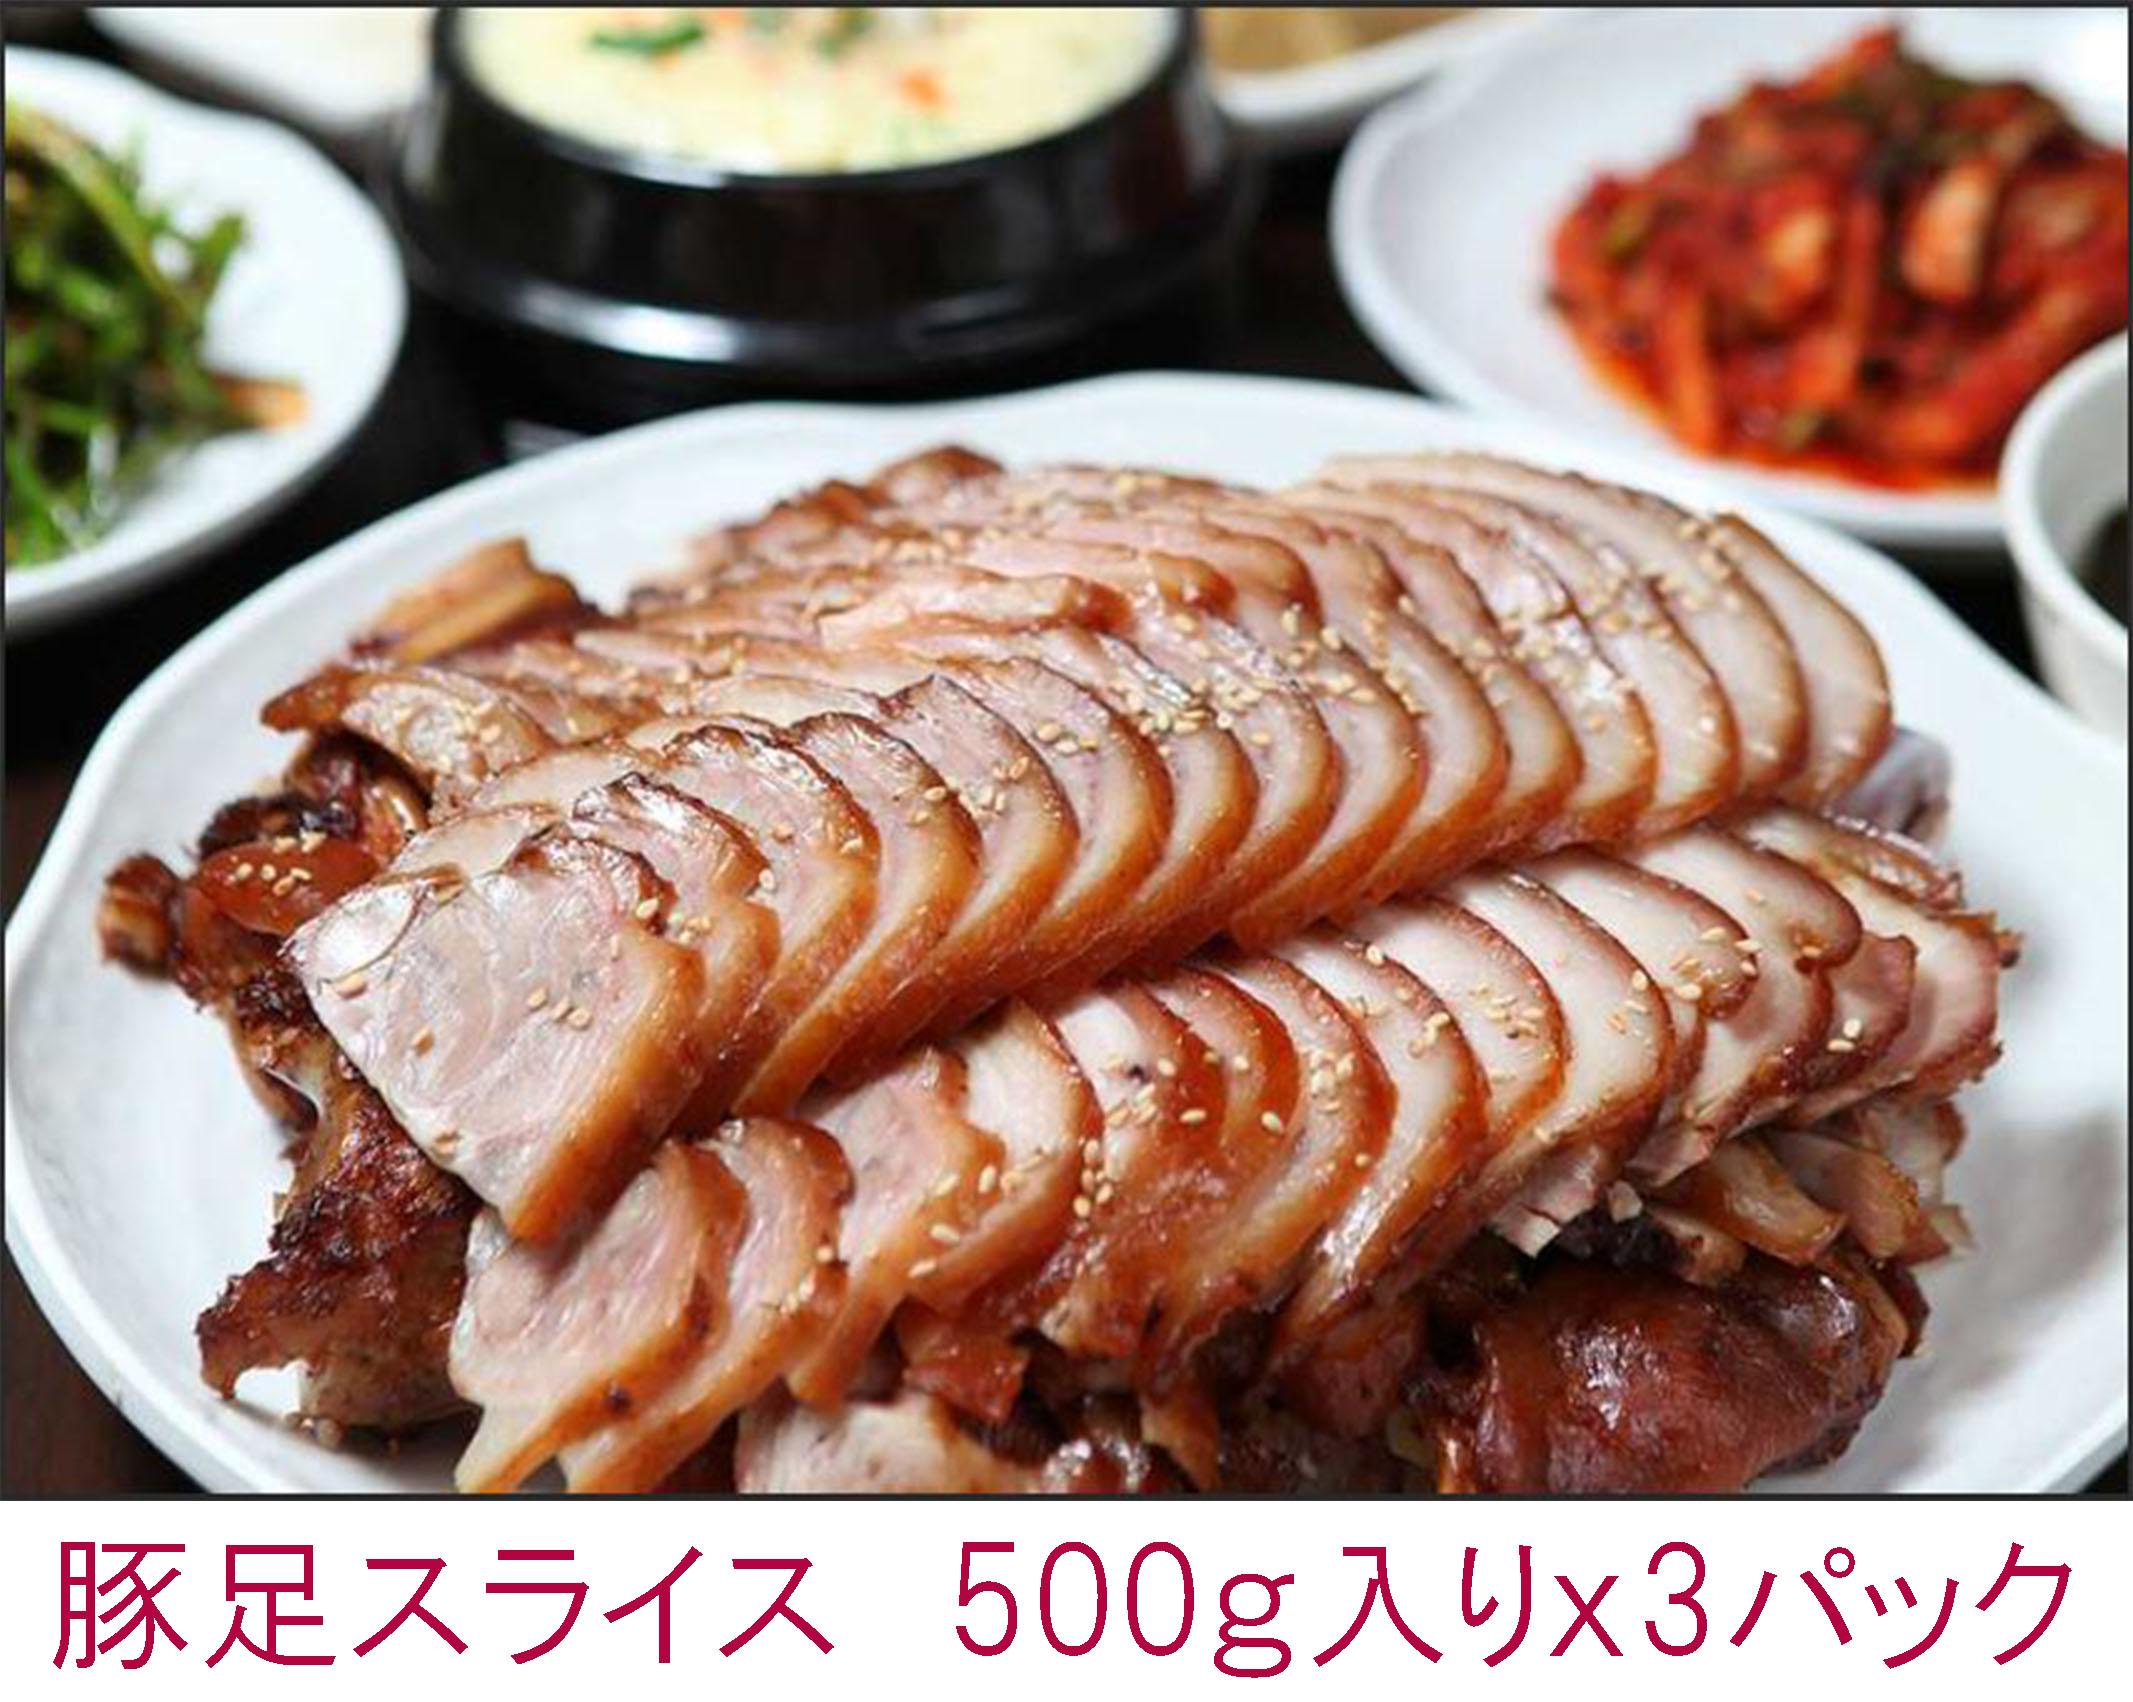 日本で作りました 豚足はコラーゲンの宝庫 自家製味付け 豚足 市場 王豚足 チョッパル スライス 500g x3パックセット 辛みそ付き 激安 韓国お土産 クール便 韓国食品 本場の味が体験できる あす楽 奉呈 おかず 新作販売 00018x3 韓国食材 韓国料理